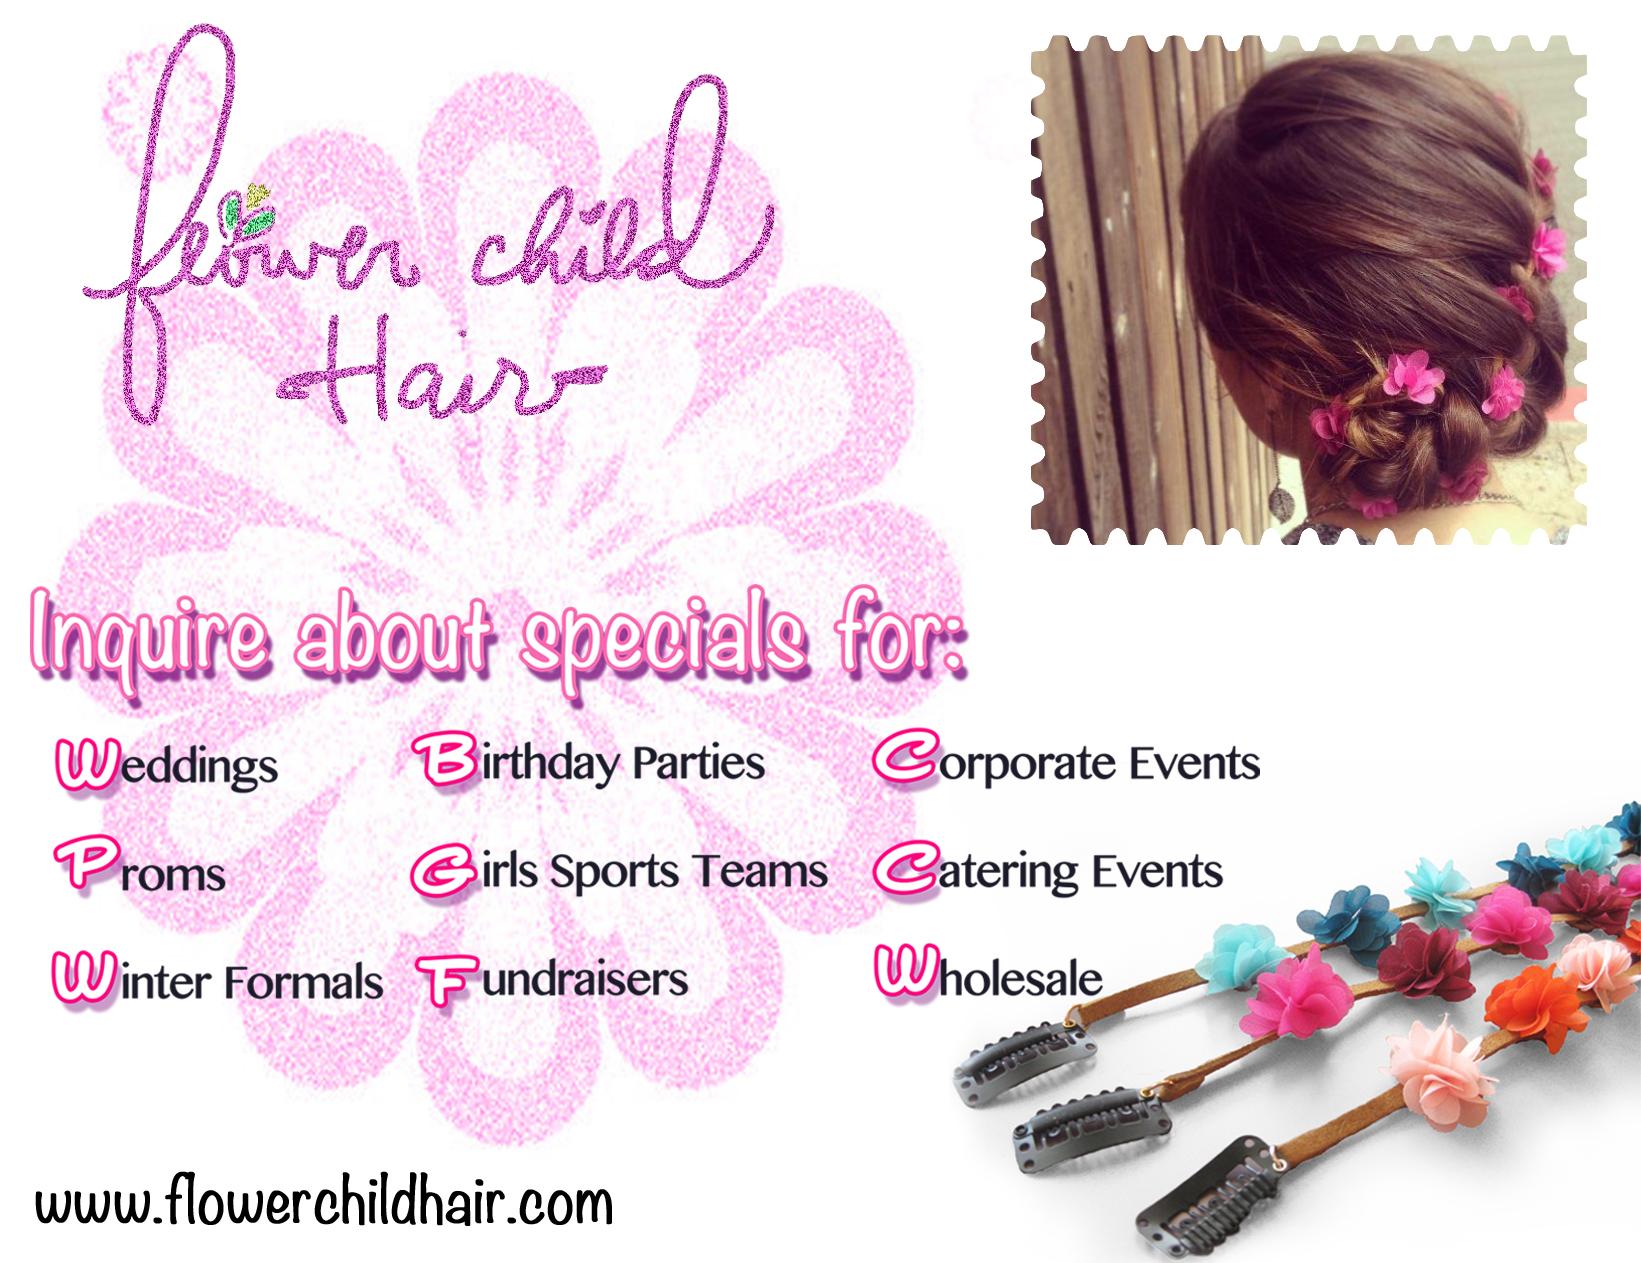 Flower Child Hair-web.jpg